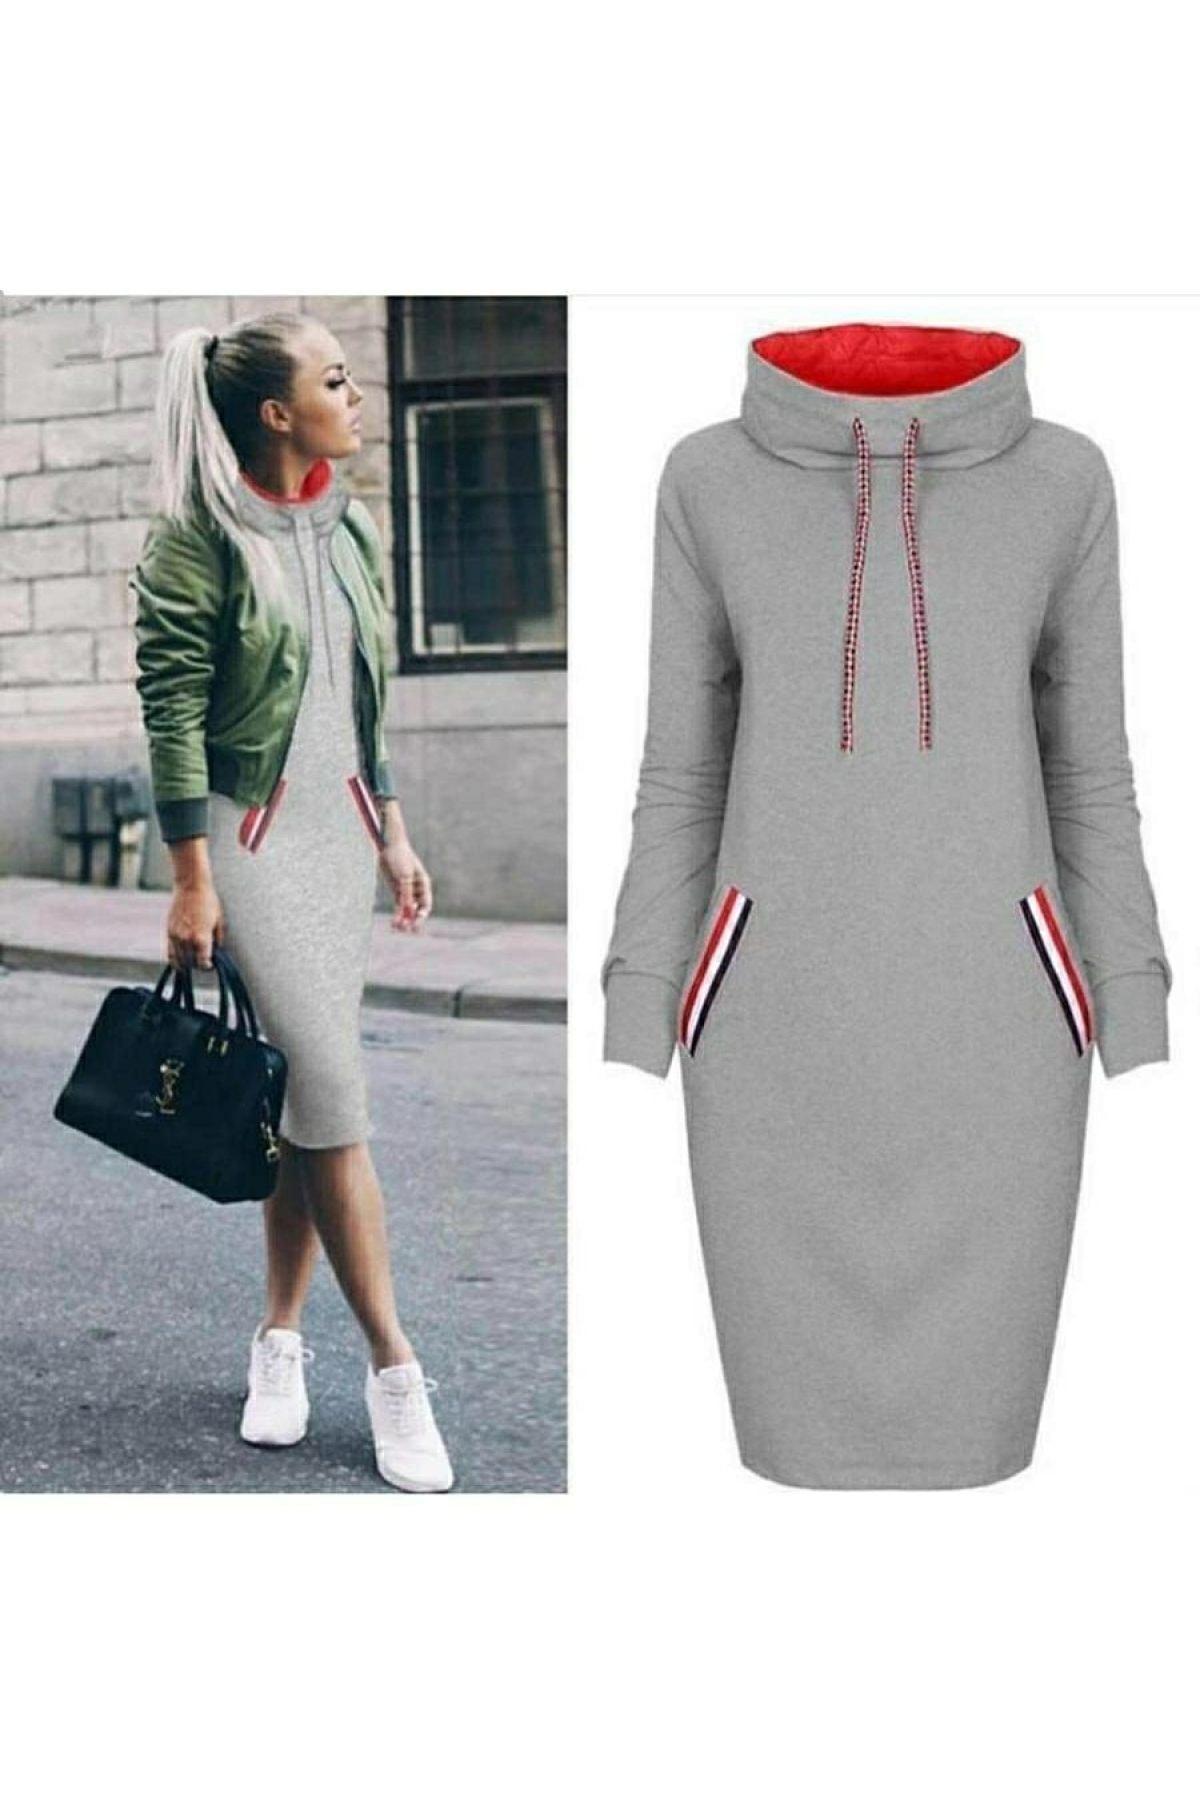 JANES Kadın Gri Cep Detay Geniş Balıkçı Yaka İki Iplik Kumaş Elbise 90cm 1